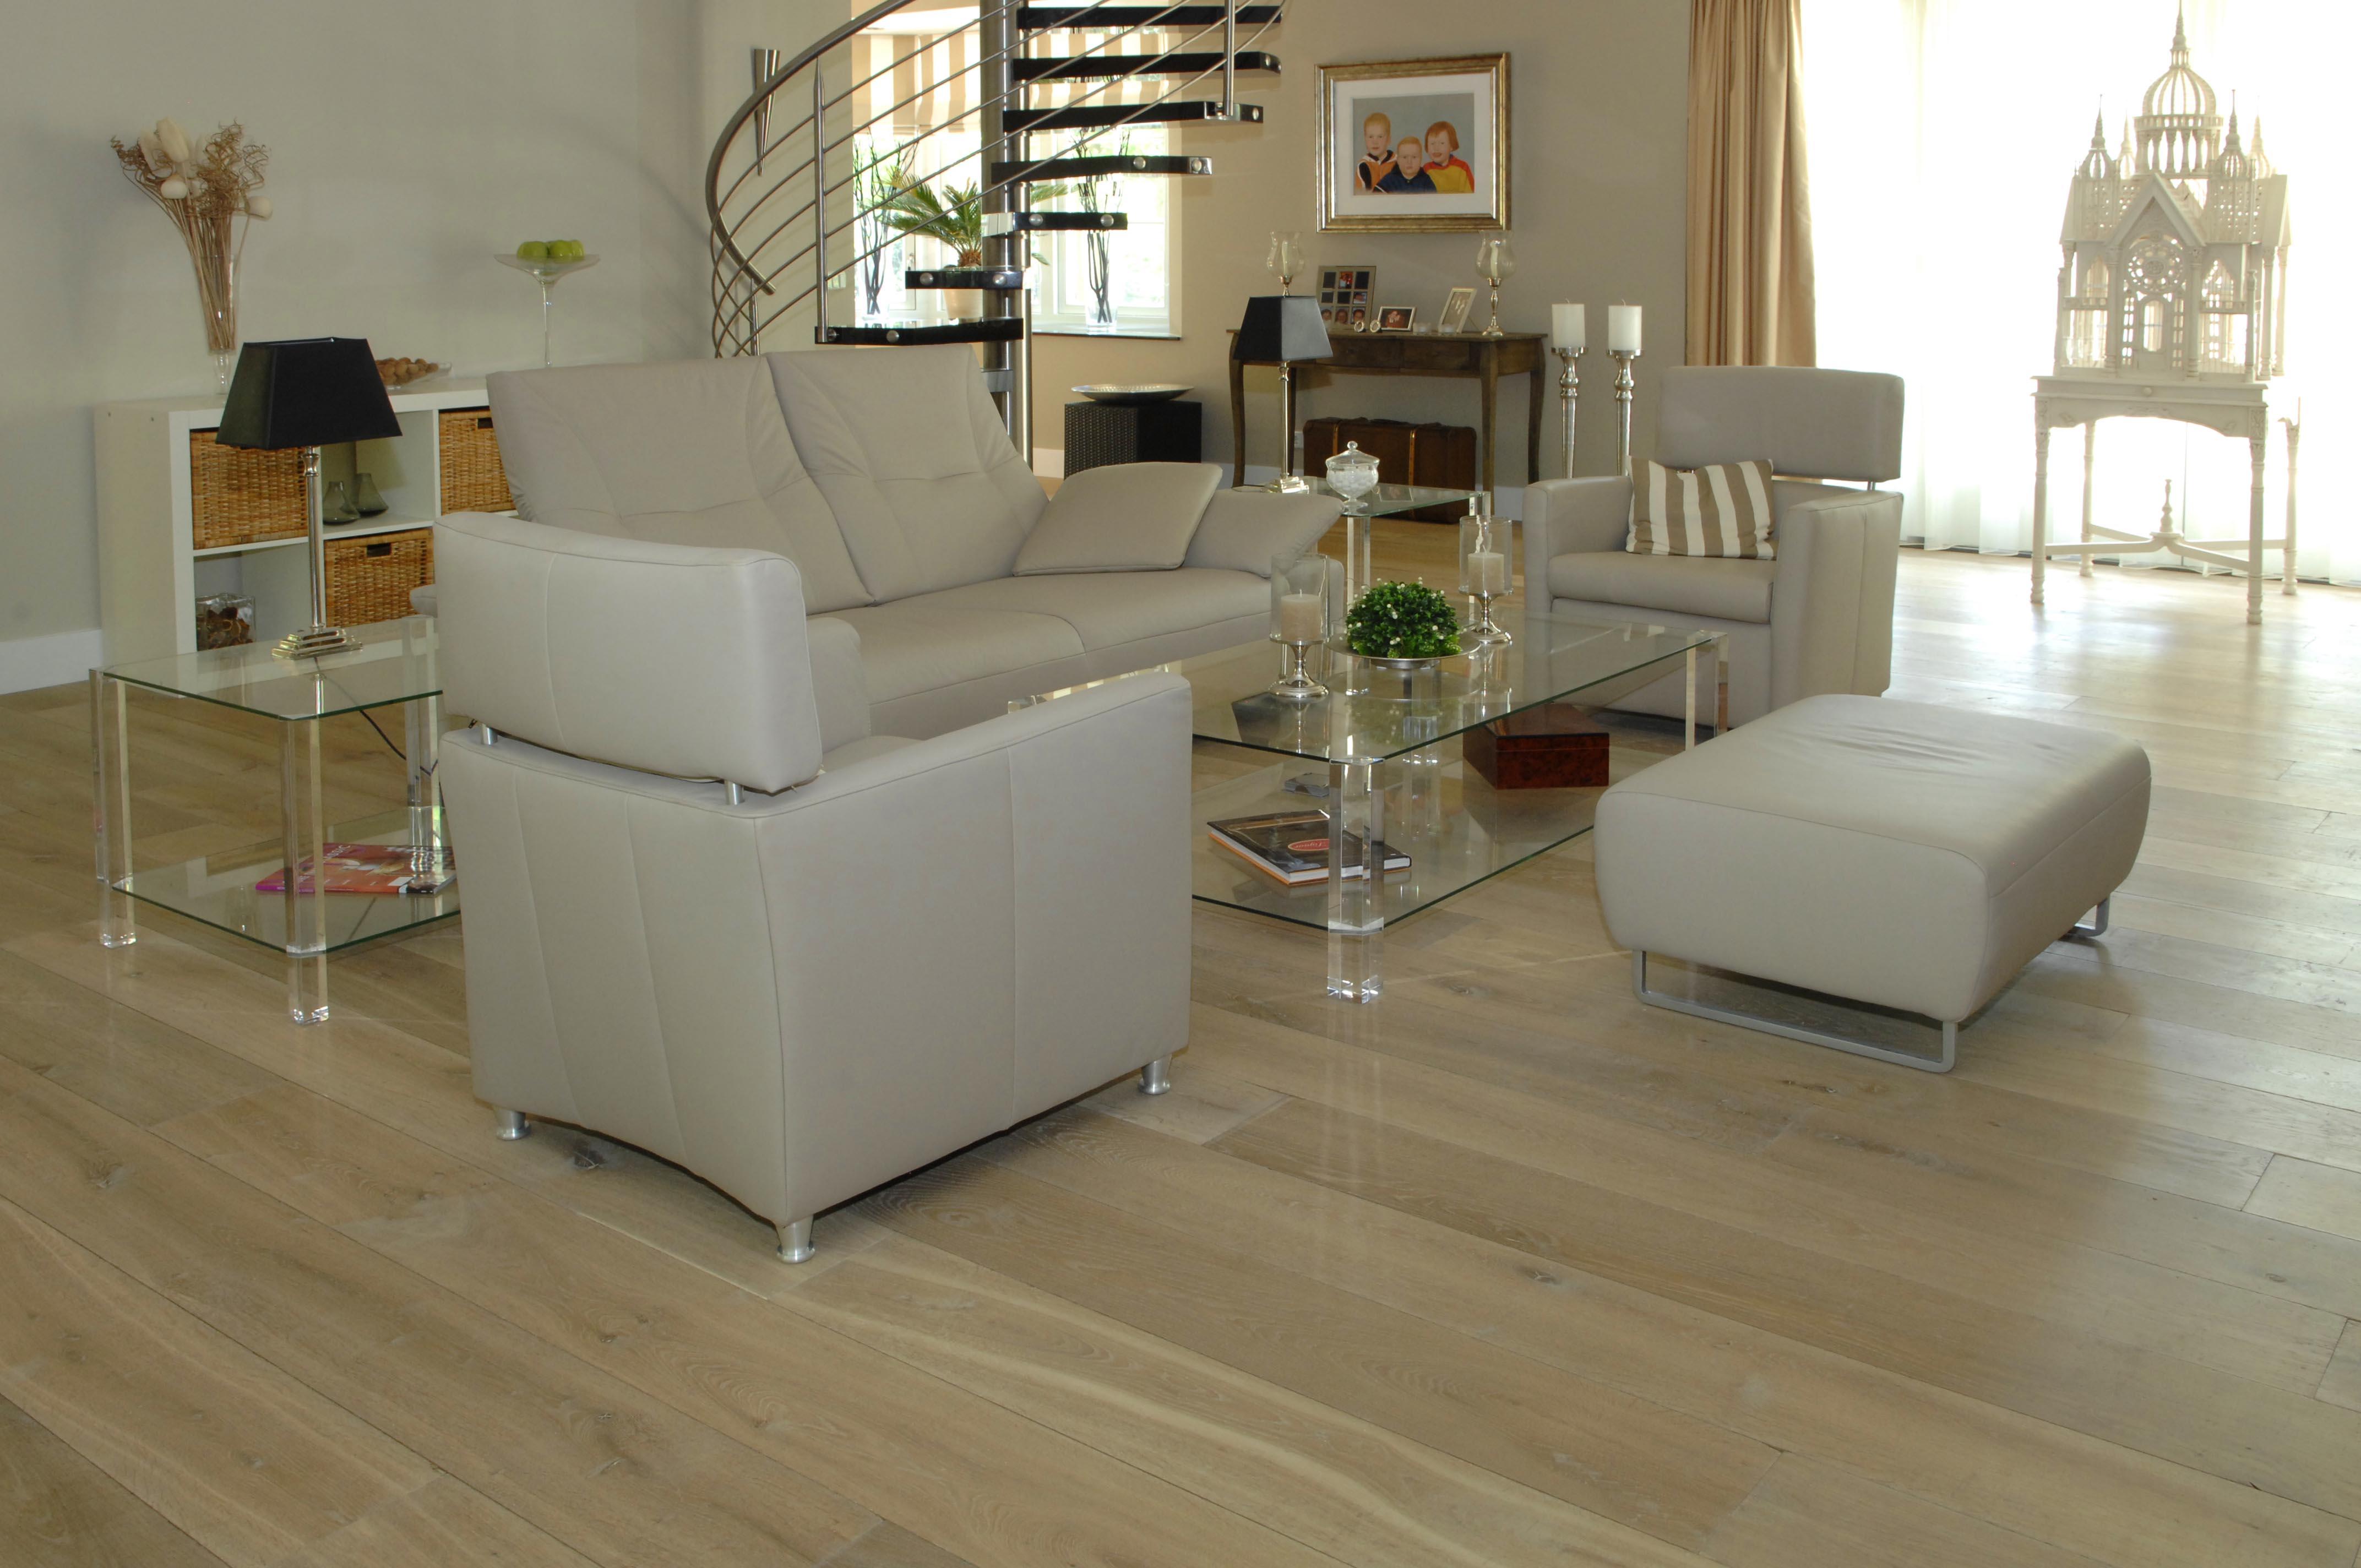 Leggen Houten Vloer : Houten vloer leggen fred s meubel flooring fred s meubel flooring